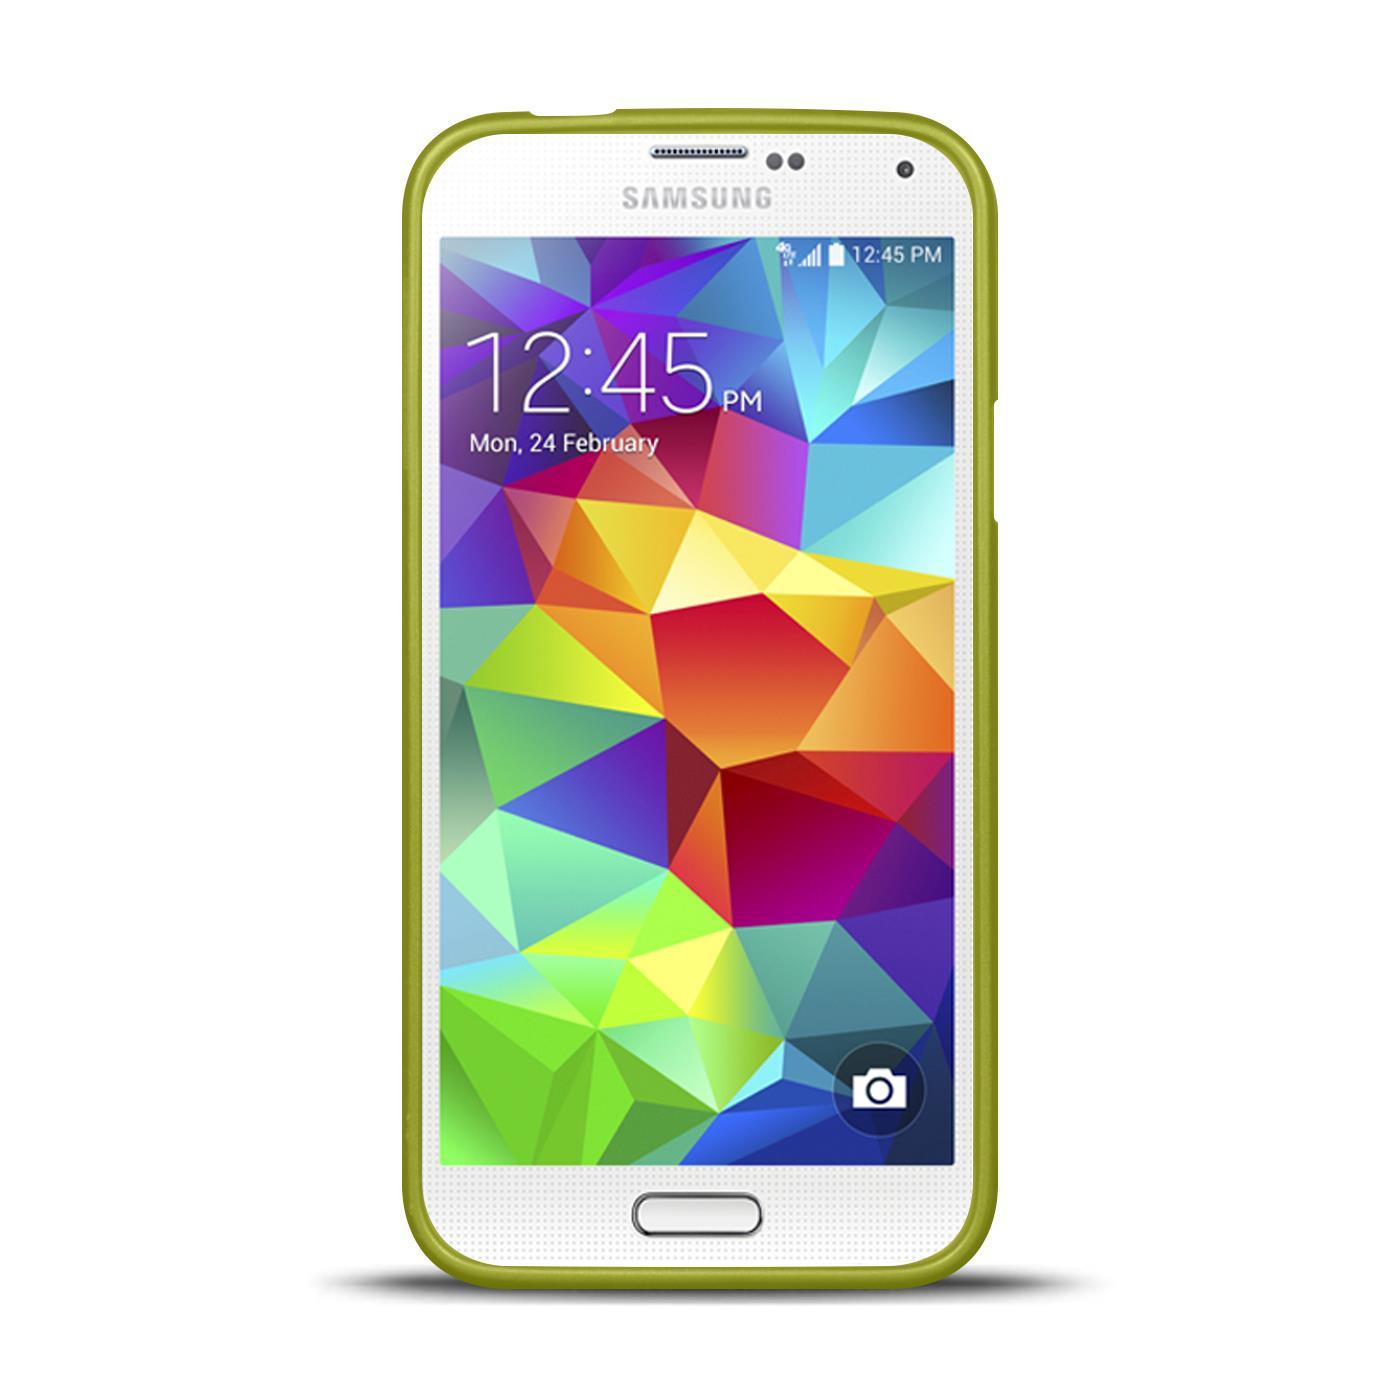 Silikon-Bumper-Case-Samsung-Galaxy-s5-Neo-duenne-ultra-slim-Stossfeste-Rueckschale Indexbild 19